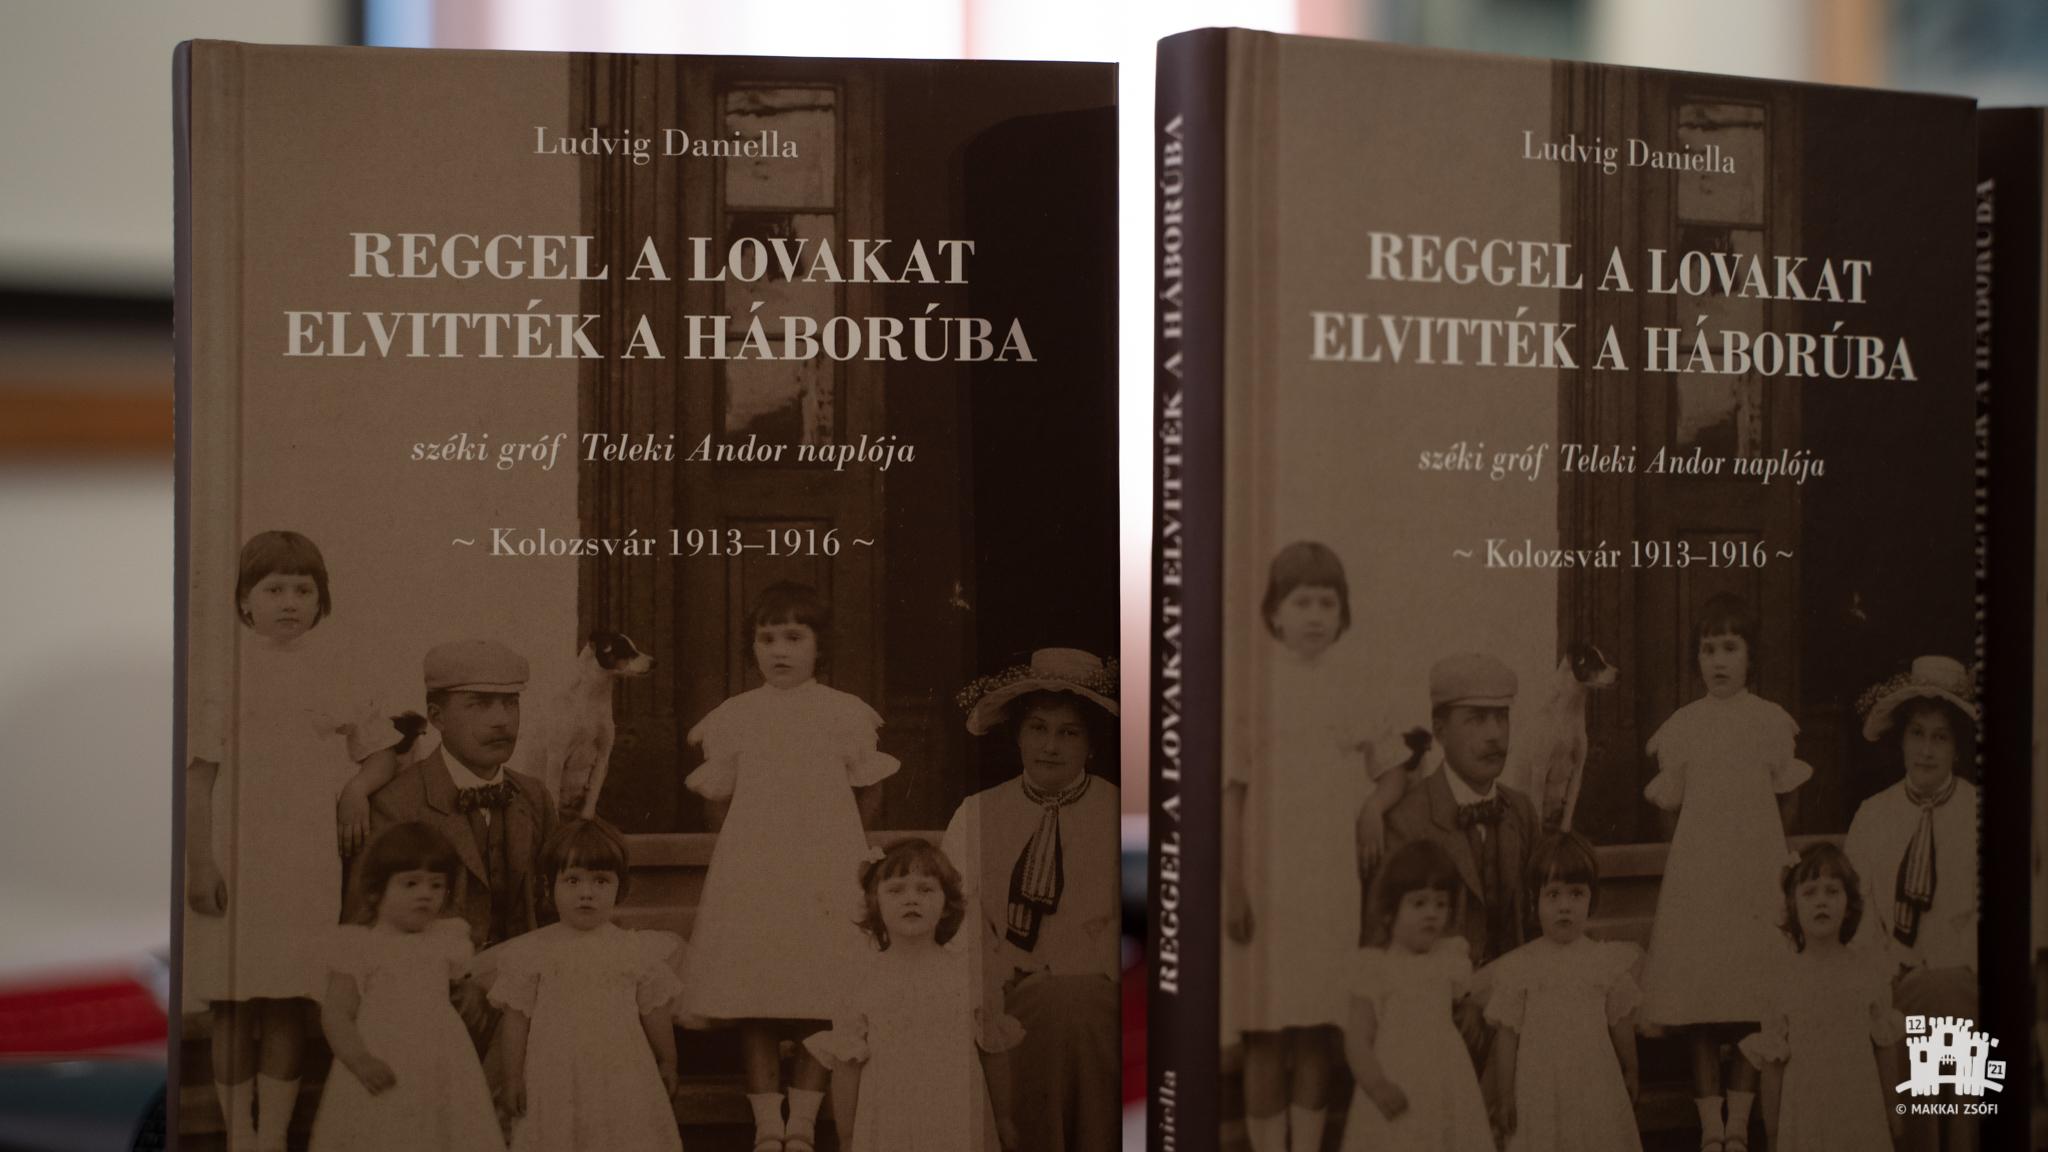 Ludvig Daniella: Reggel a lovakat elvitték a háborúba. Széki gróf Teleki Andor naplója – Kolozsvár 1913–1916